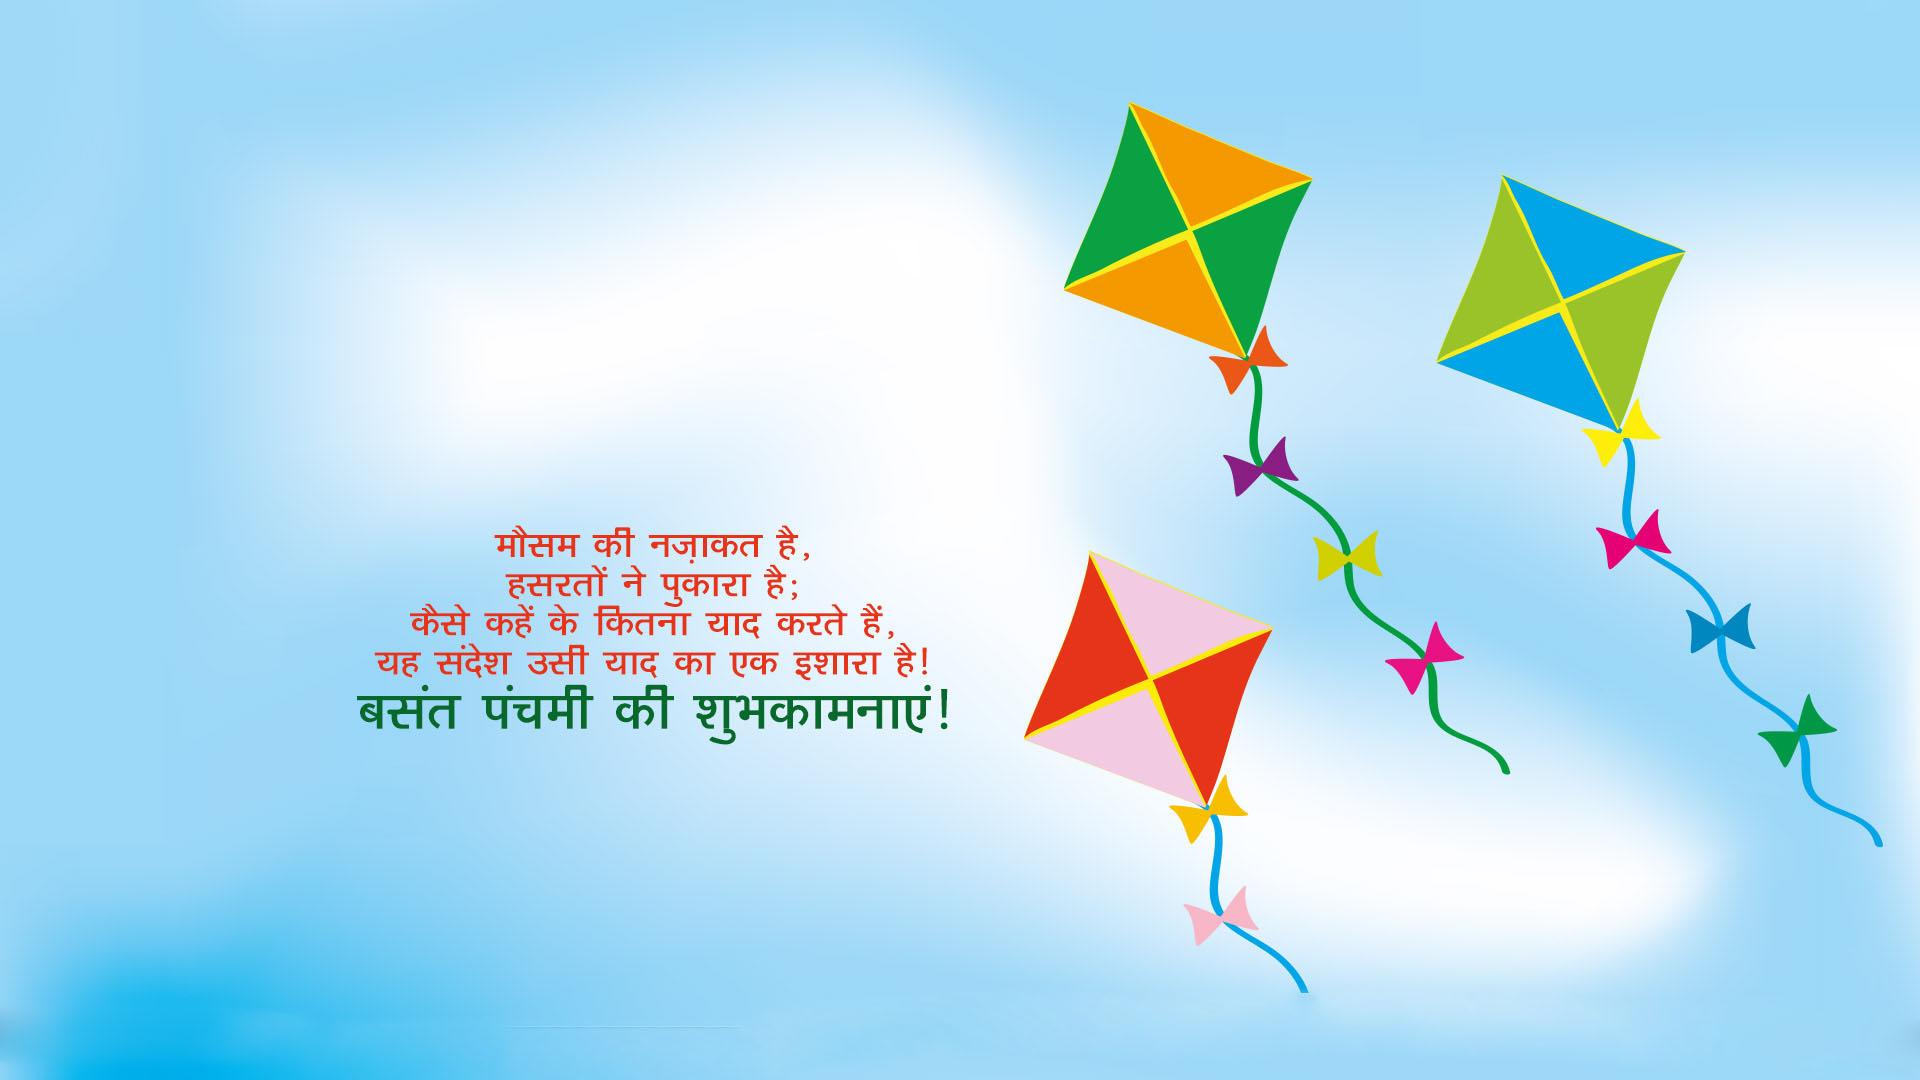 Happy Basant Panchami Images In Hindi